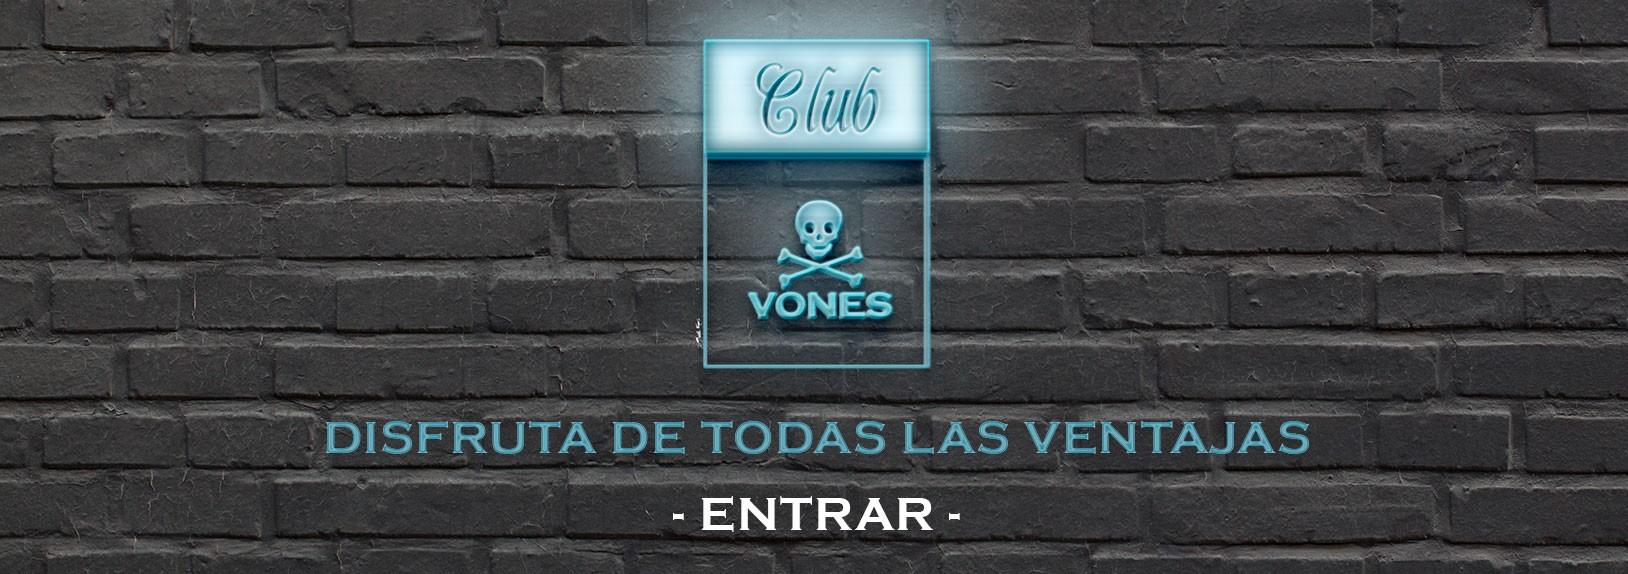 Club Vones